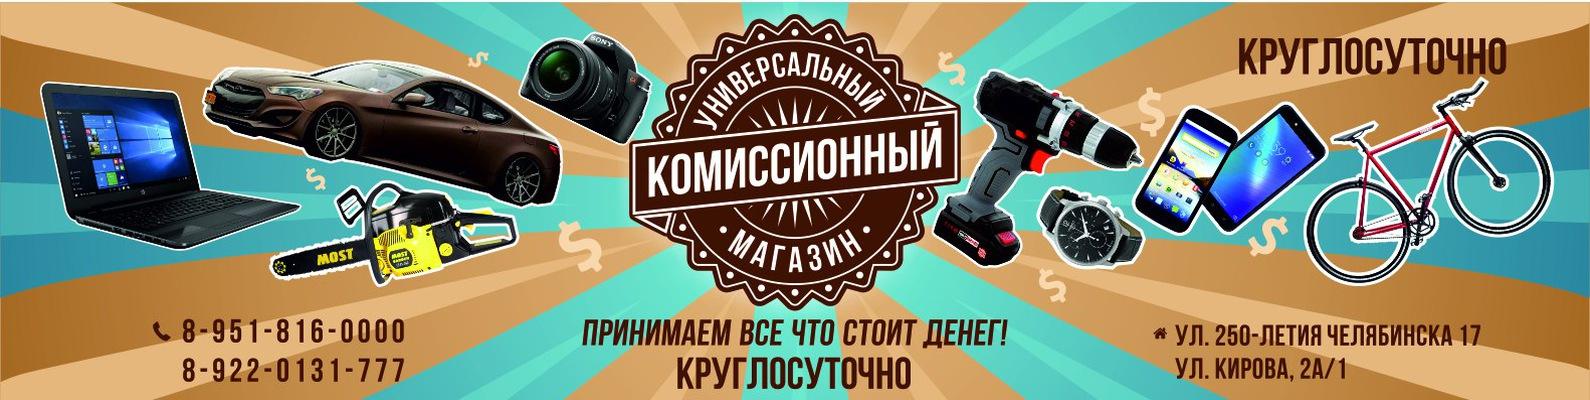 56b210ca4cba Универсальный Комиссионный Магазин Челябинск   ВКонтакте